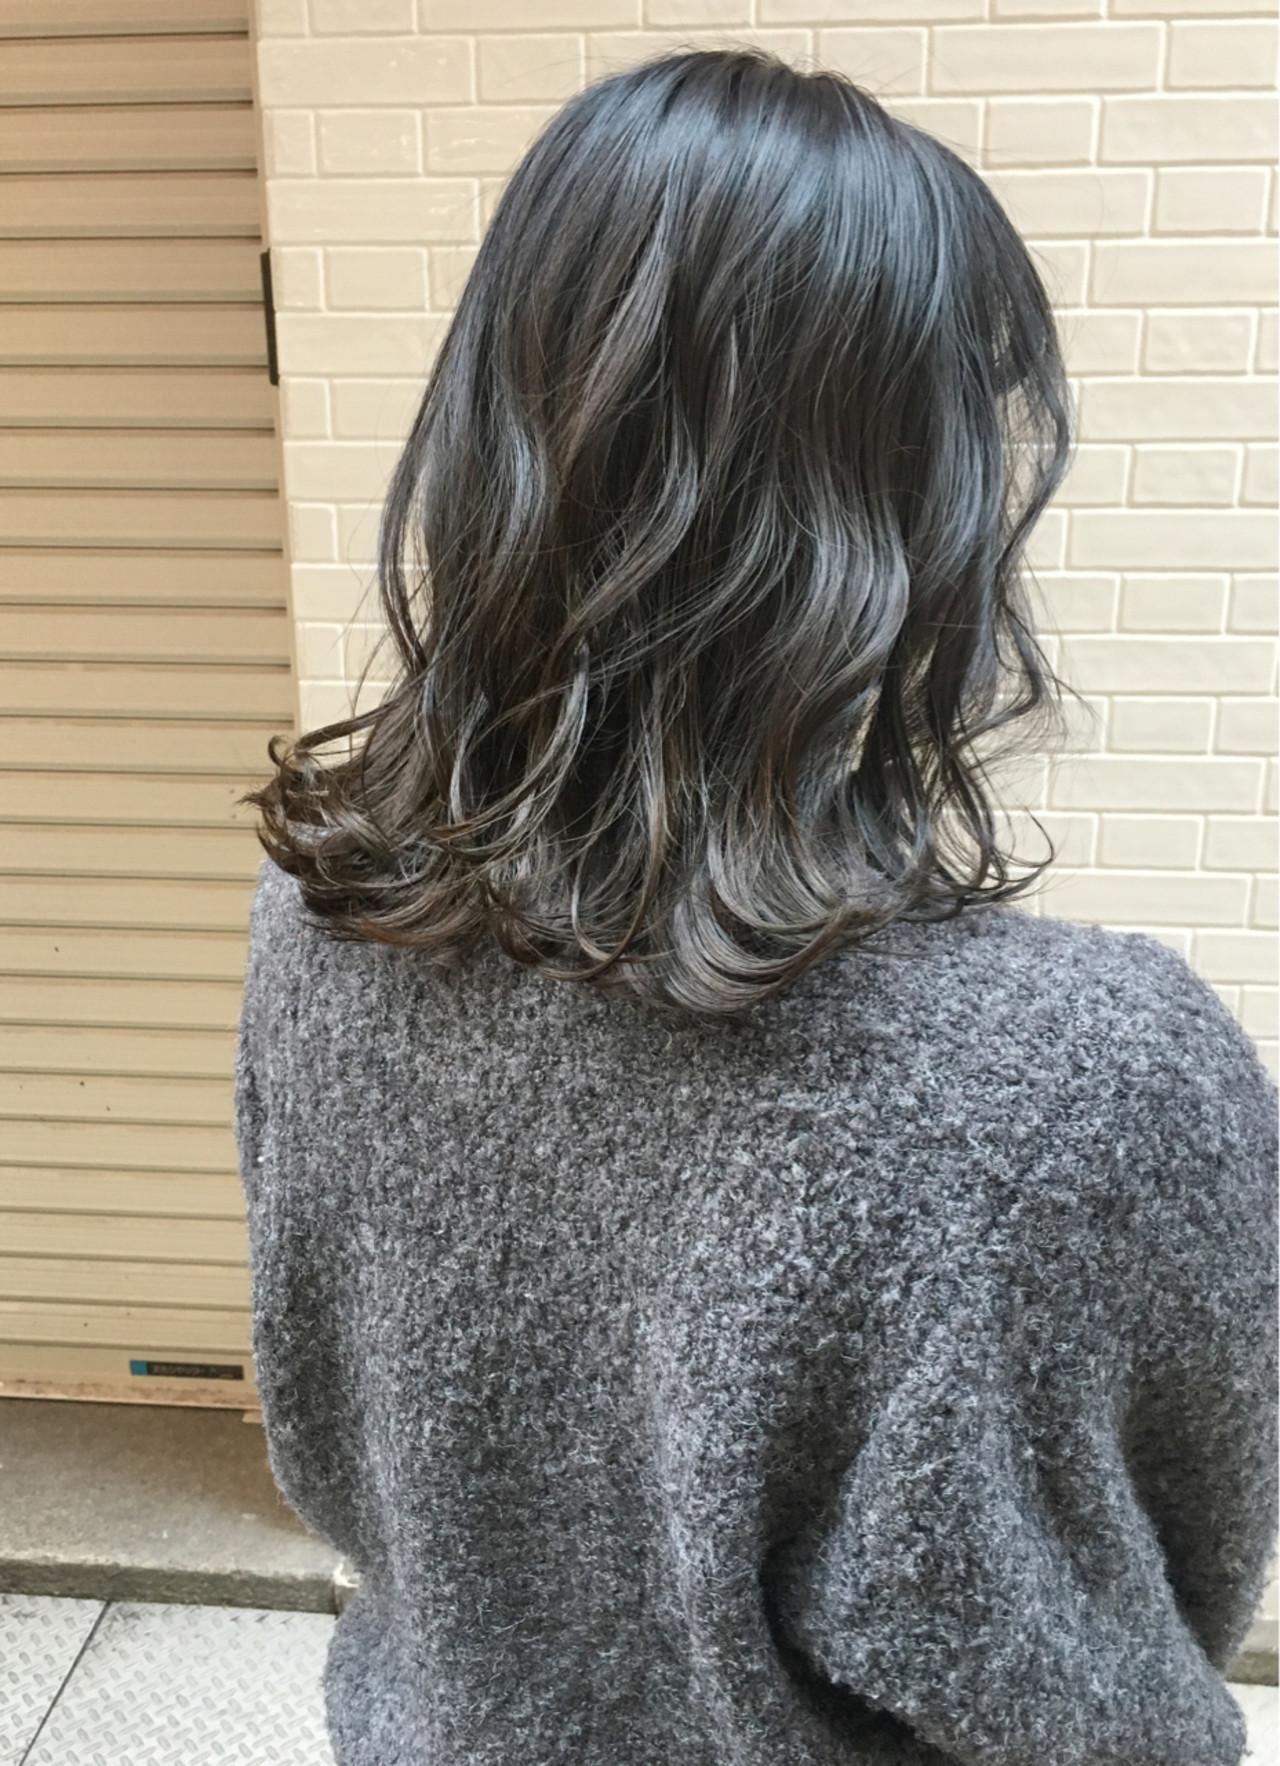 2018年秋冬【グレージュグラデーション】でトレンドヘア♡の11枚目の画像